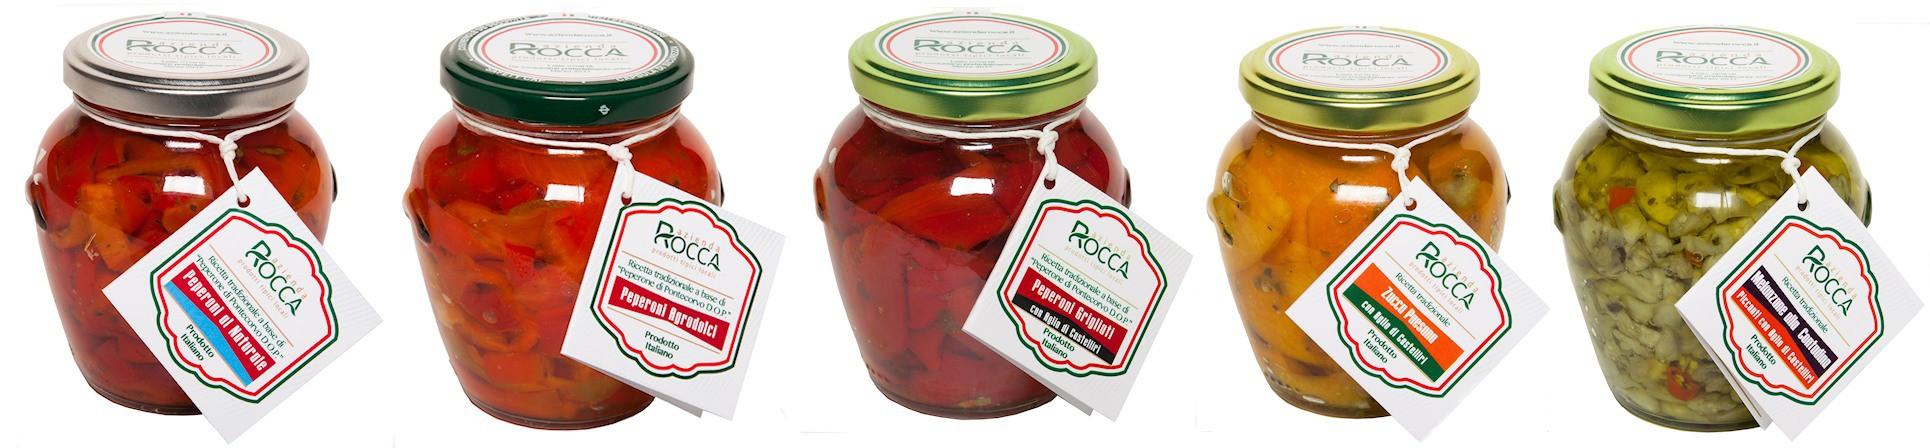 Peperoni in agrodolce di Pontecorvo, peperoni grigliati, zucchine, fagiolini, melanzane, zucca - AZIENDA ROCCA